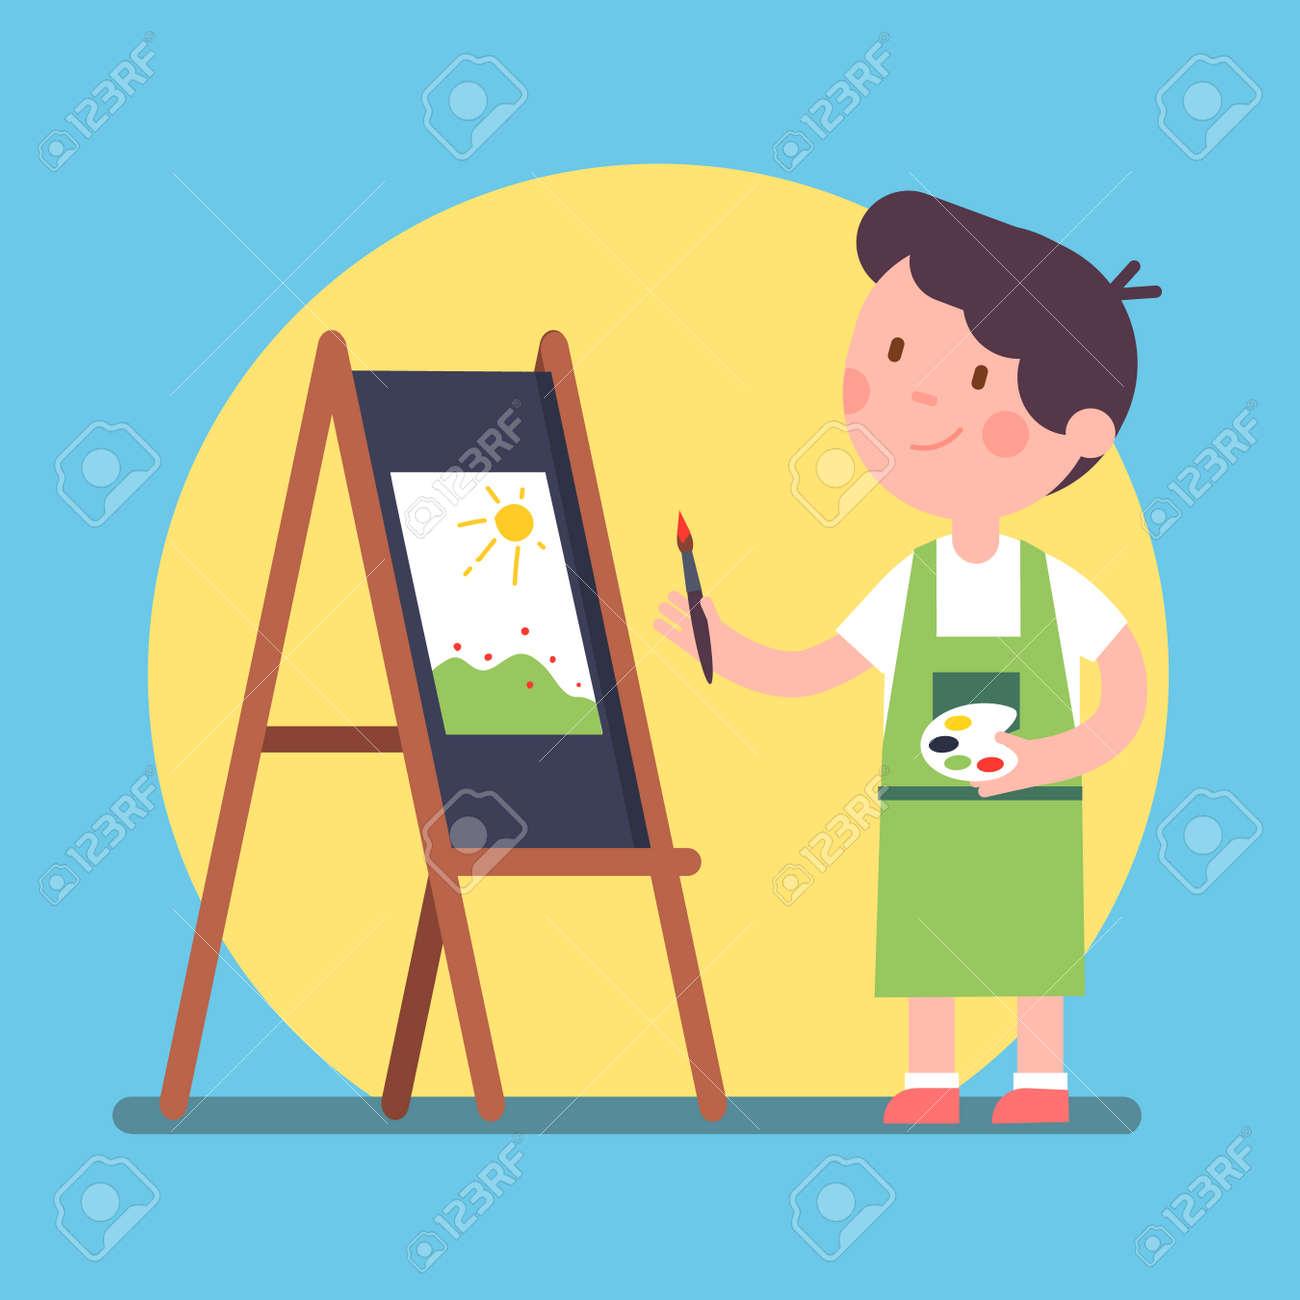 Lächelnder Kinderkünstler Der Ein Stück Kunst Auf Einem Segeltuch